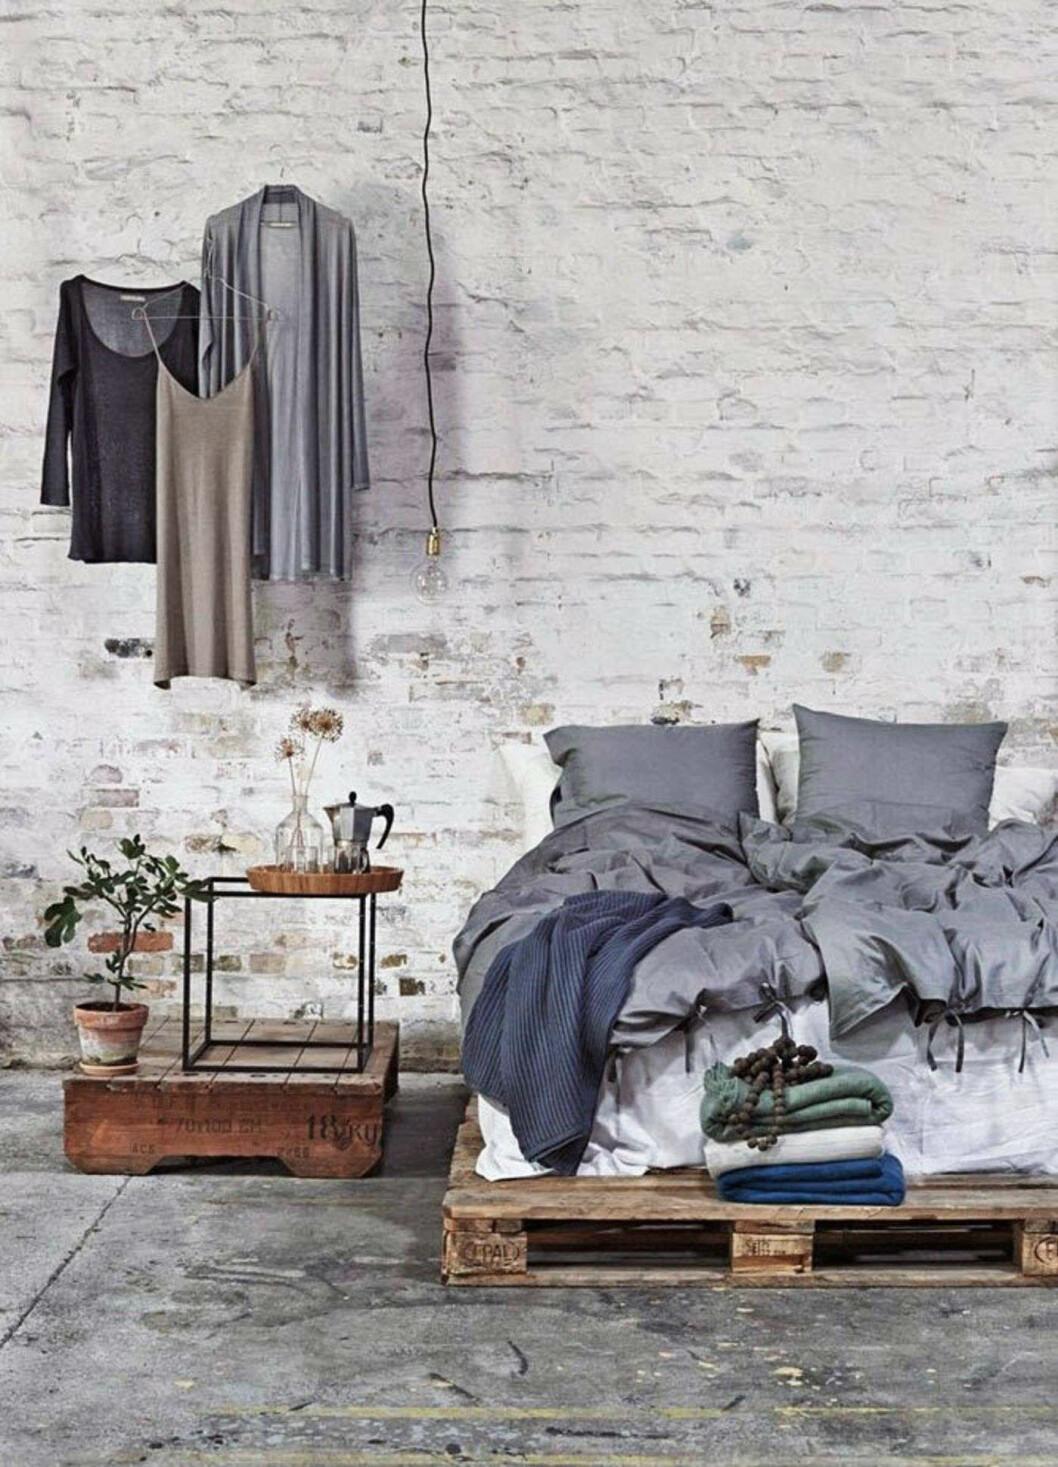 Vit tegelvägg och säng placerad på lastpallar för enhetlig rustik känsla